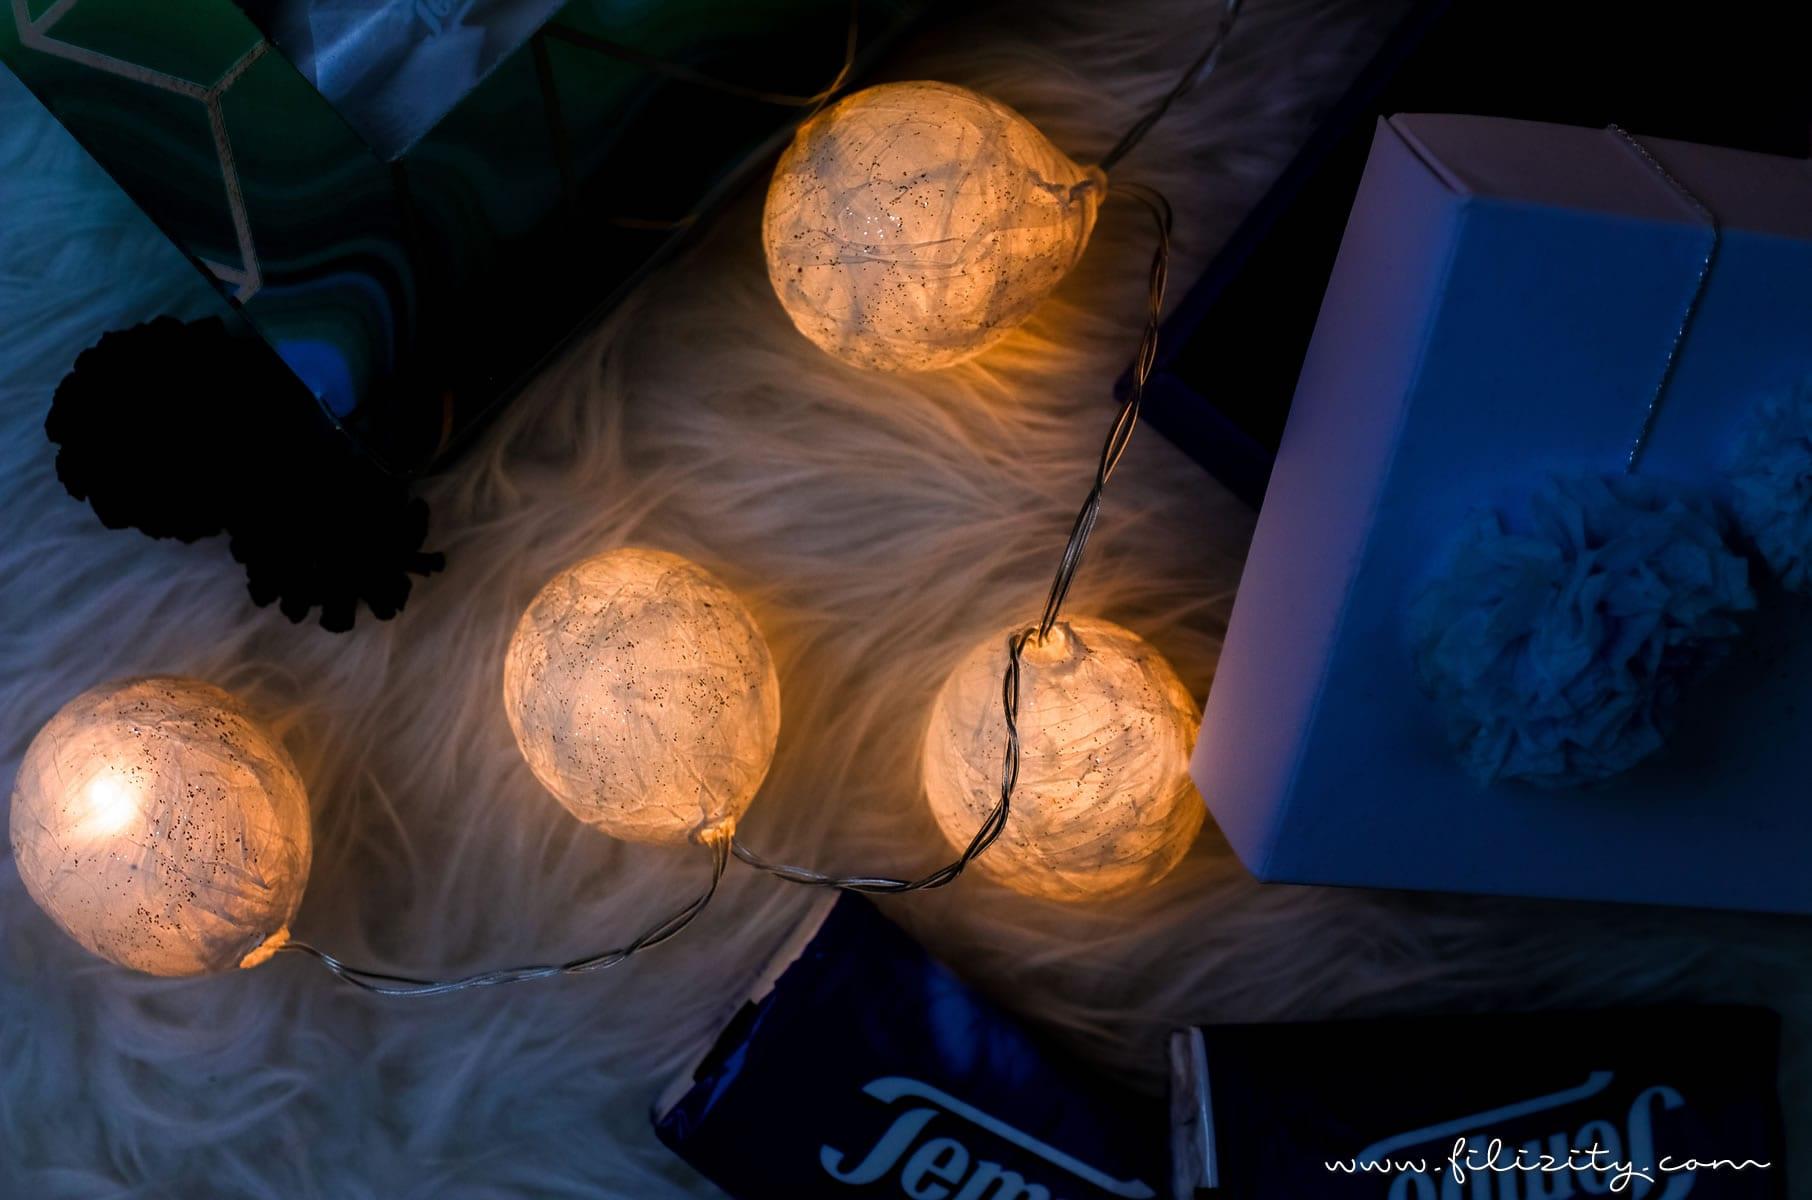 winter-weihnachts-deko-taschentuecher-tempo-servietten-lichterkette-baumkugeln-geschenk-verpackung-diy-blog-25-min